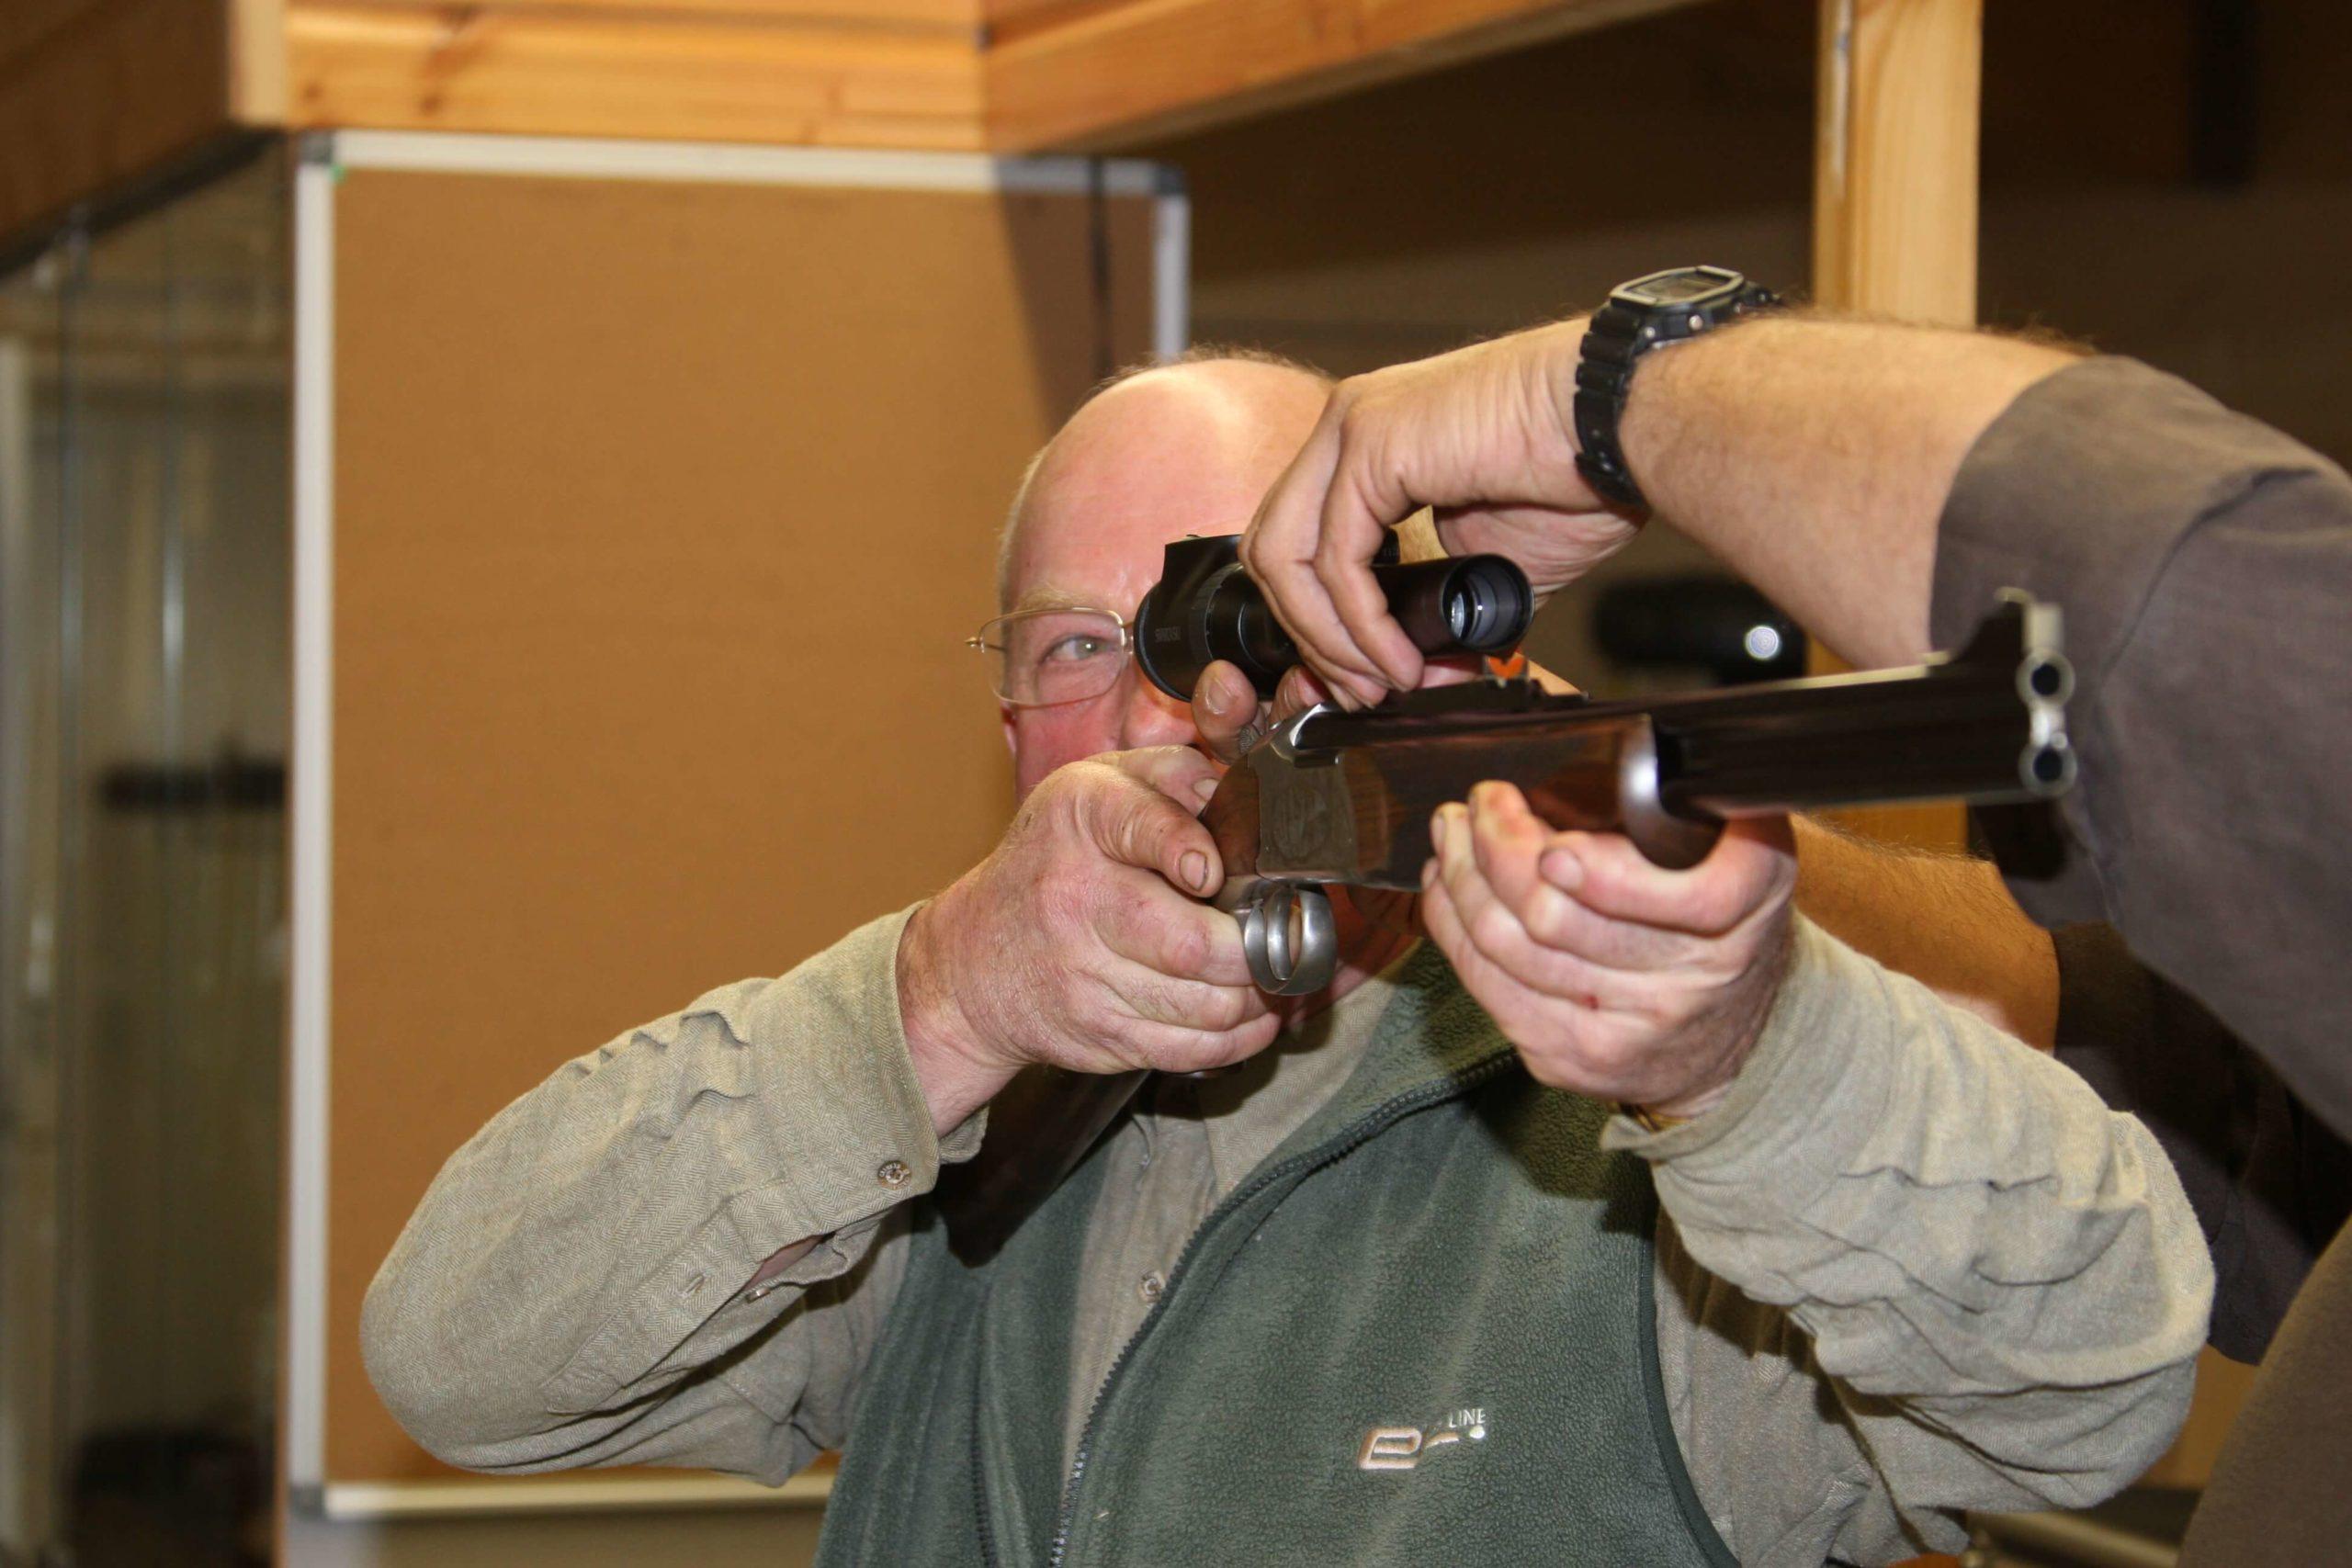 Formation arme, munition et optique